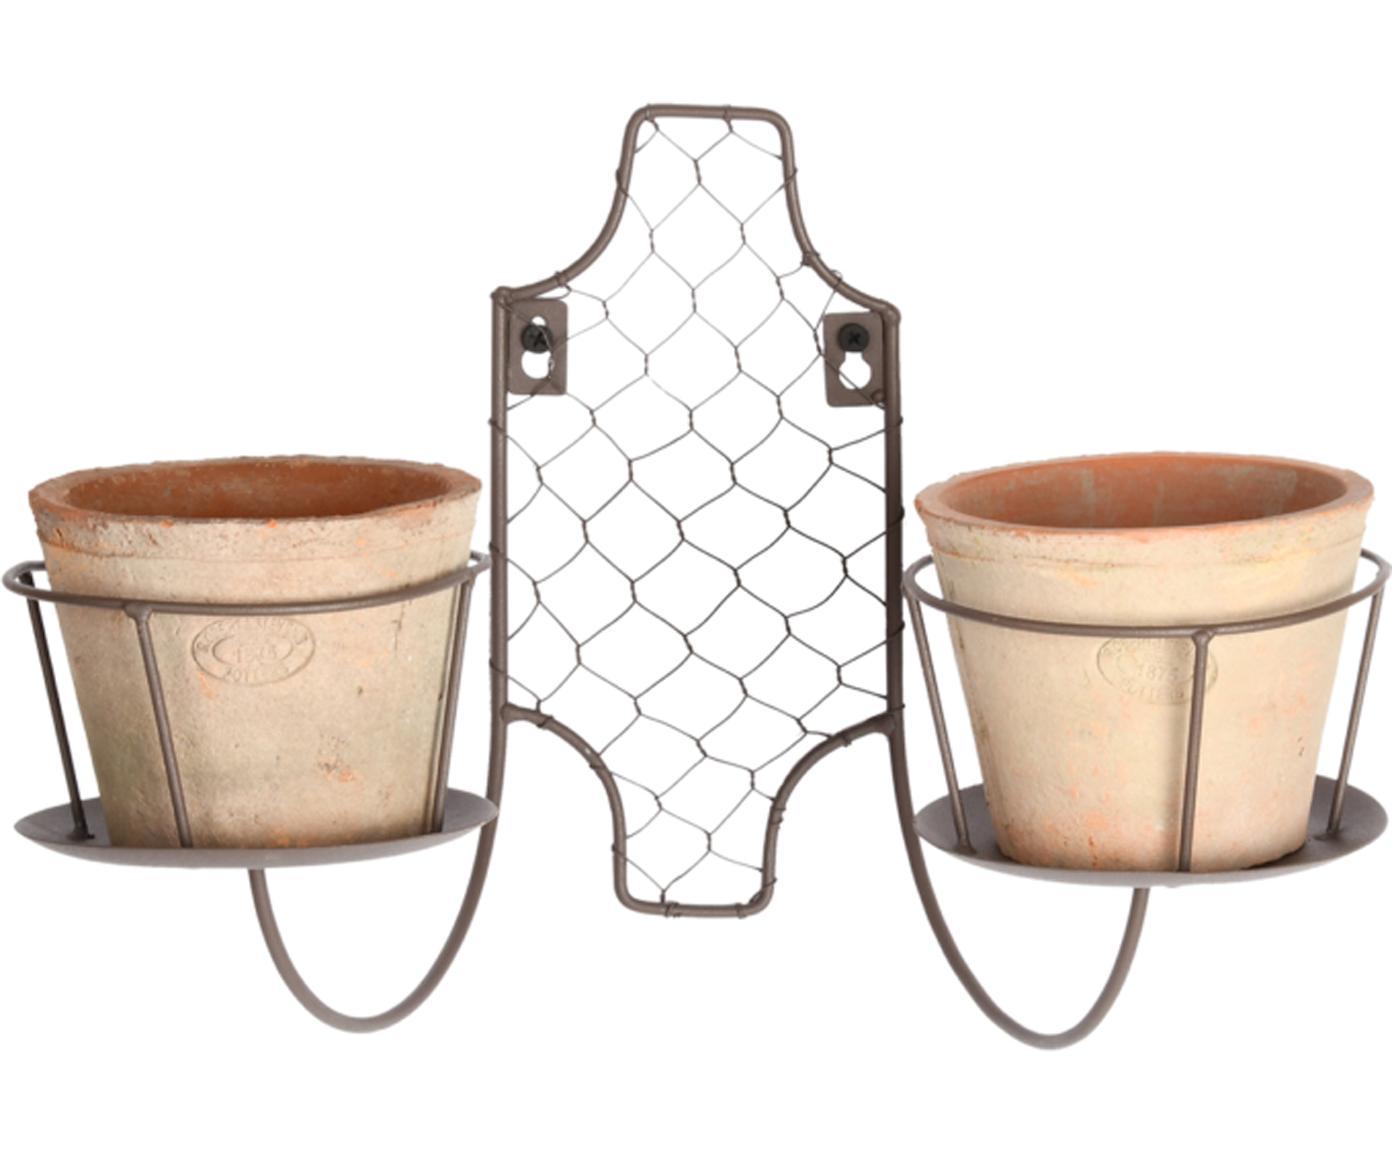 Übertöpfe-Set Daria, 3-tlg., Terrakotta, Schwarz, 35 x 24 cm